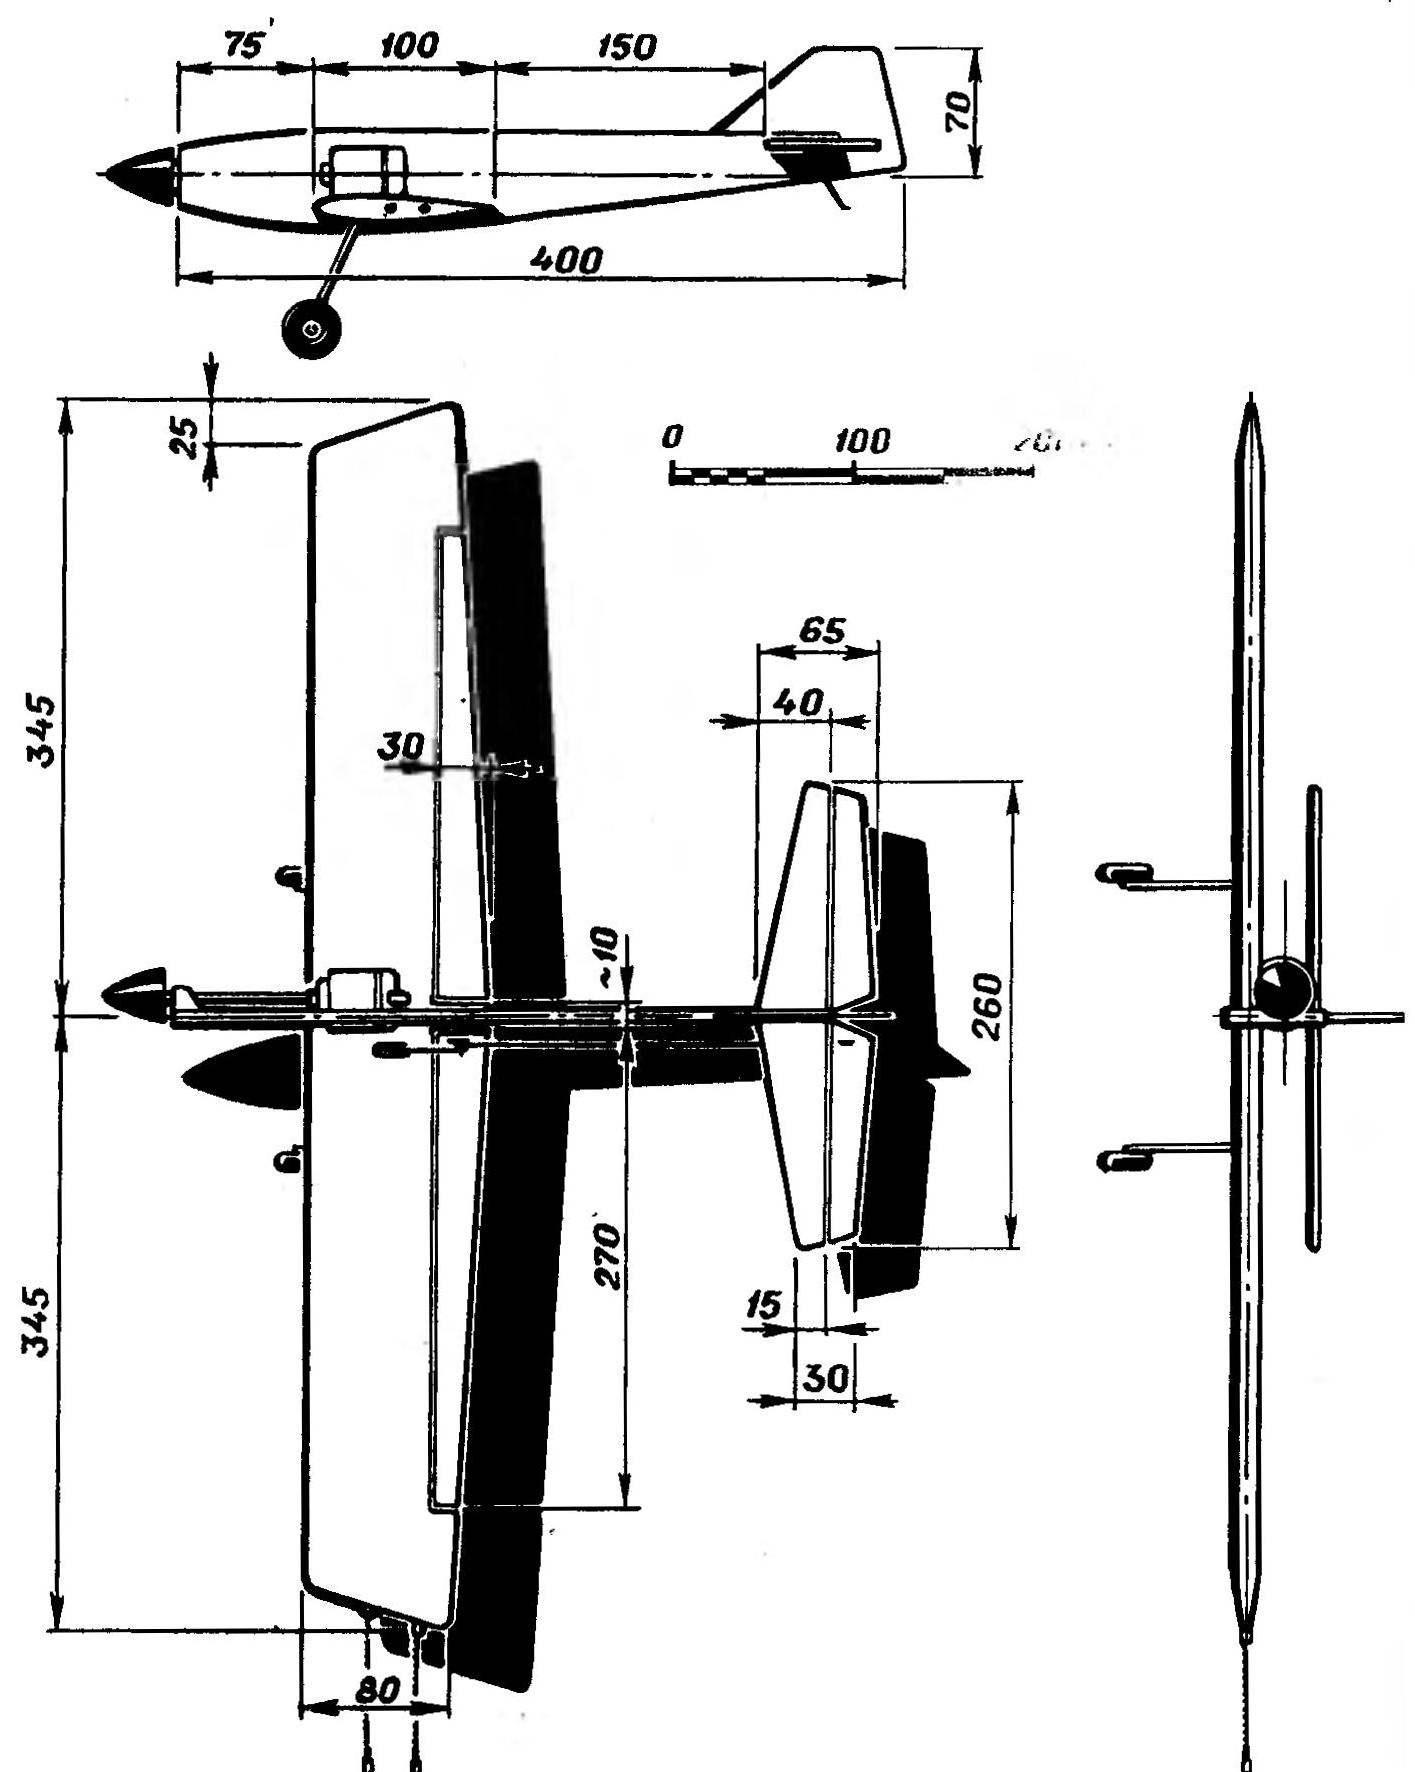 Рис. 1. Основные геометрические параметры модели